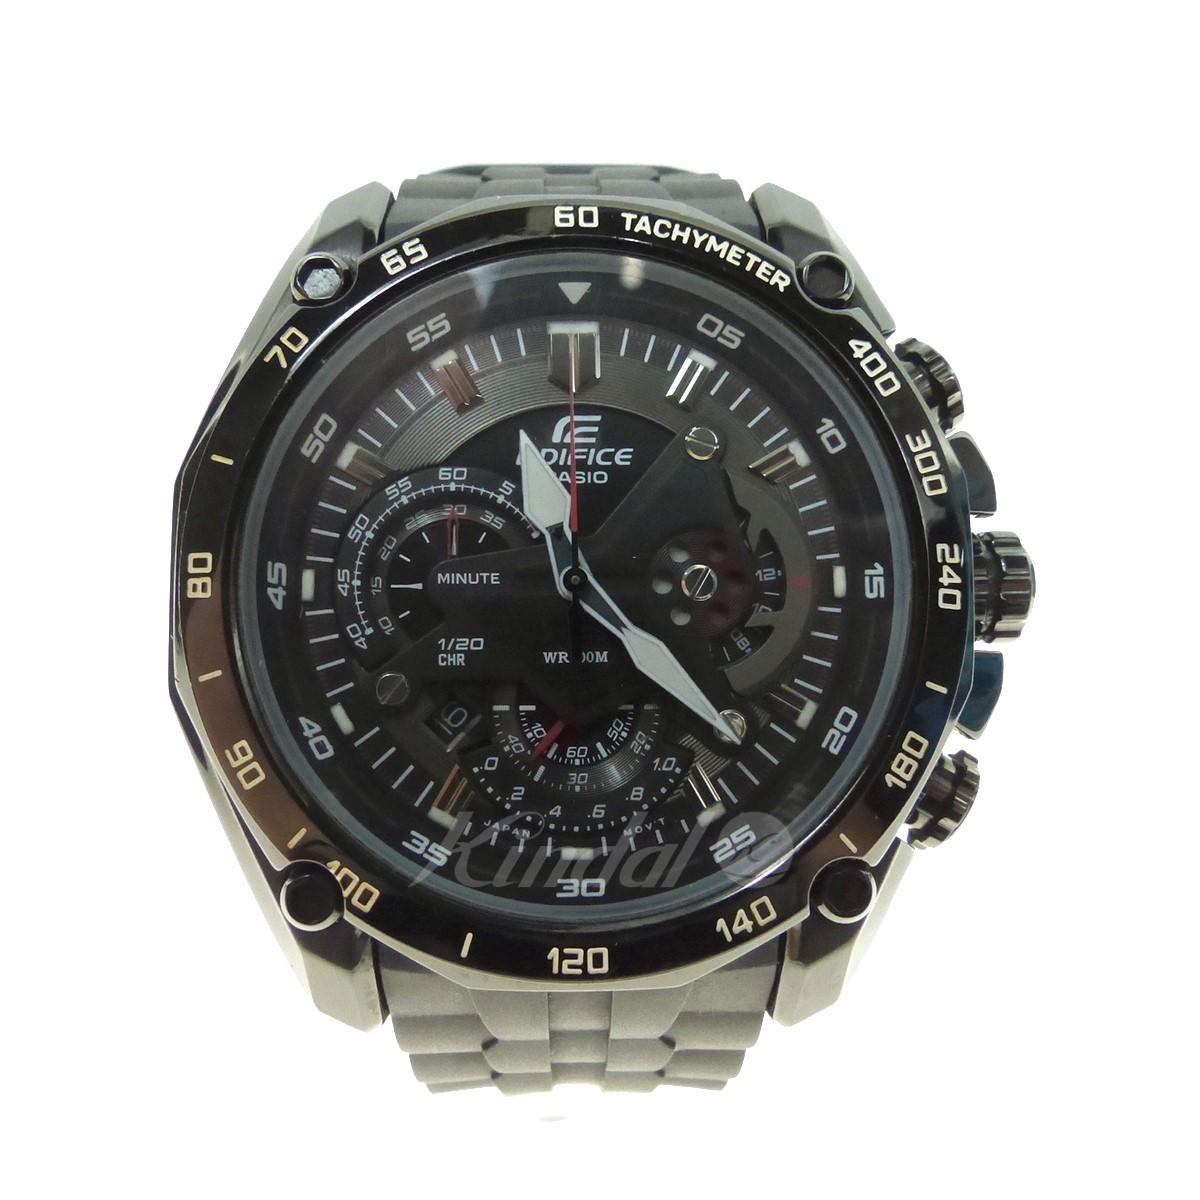 【中古】CASIO EDIFICE 腕時計 EF-550 海外モデル ブラック サイズ:- 【送料無料】 【270918】(カシオ)